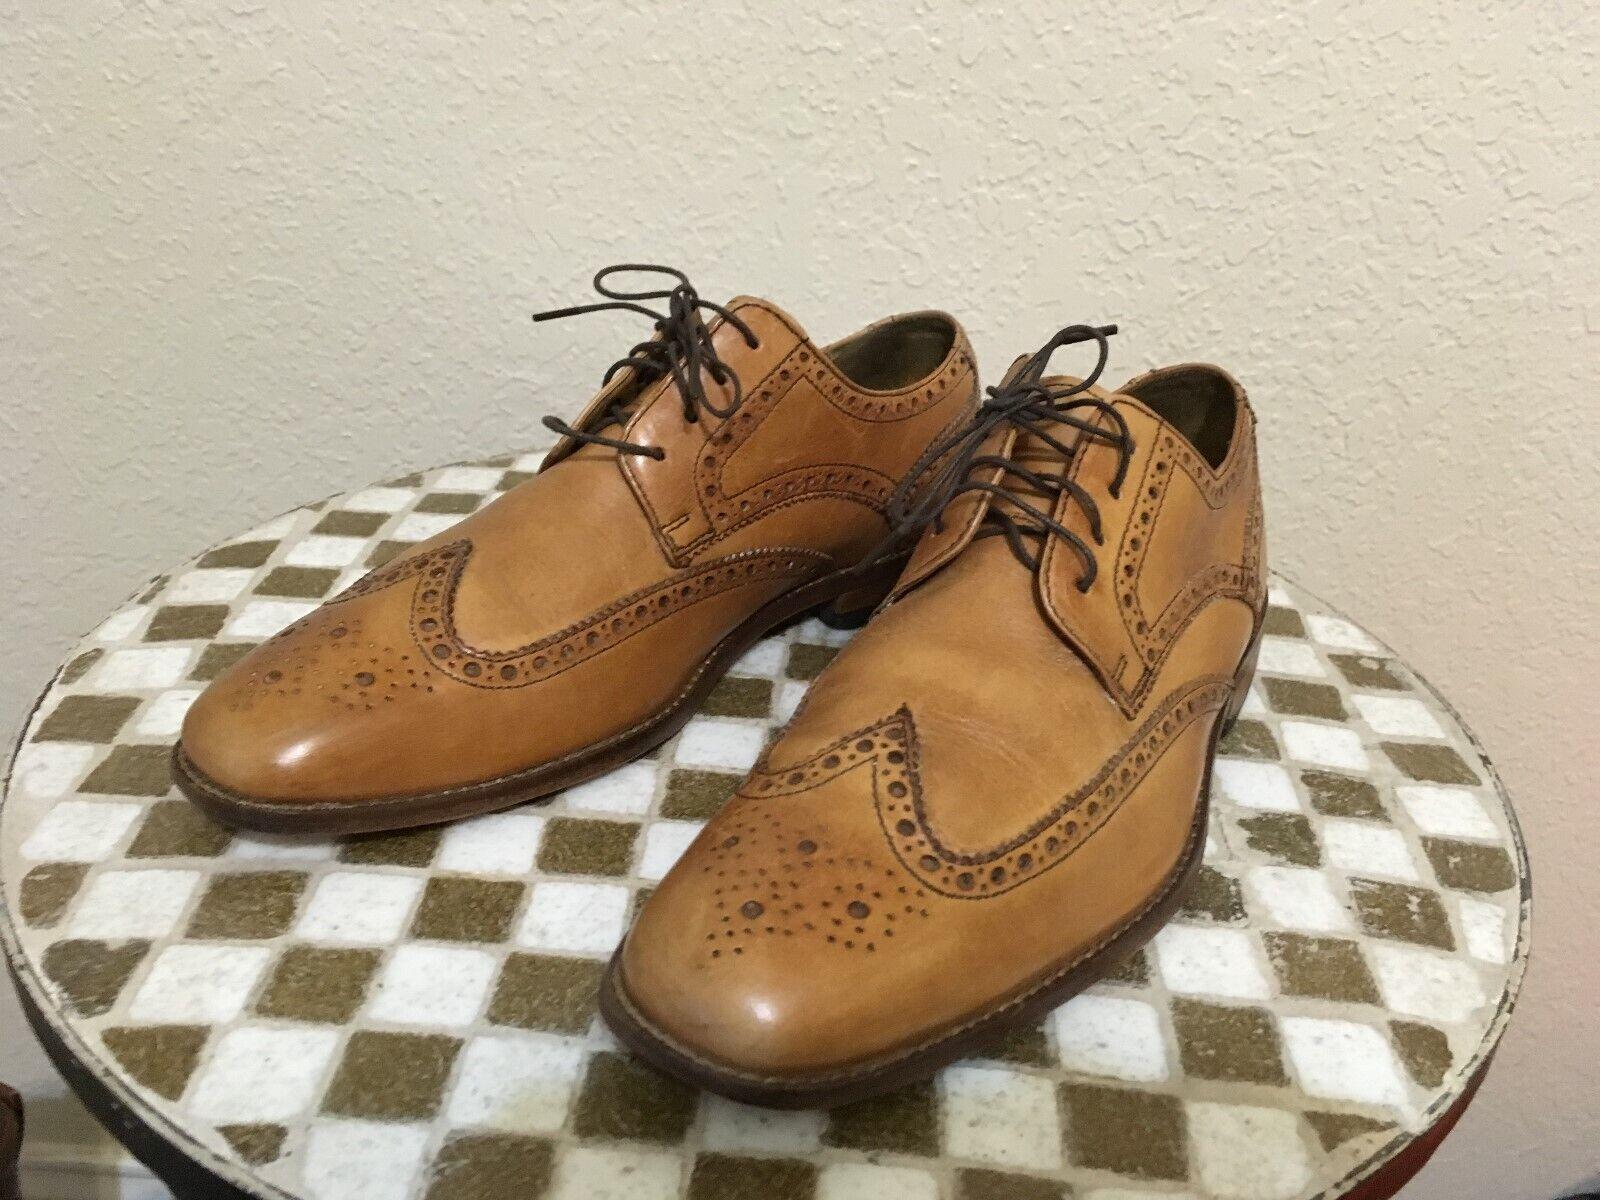 India COLE HAAN Wing Tip Marrón Zapatos de negocios de alimentación Vintage 9M